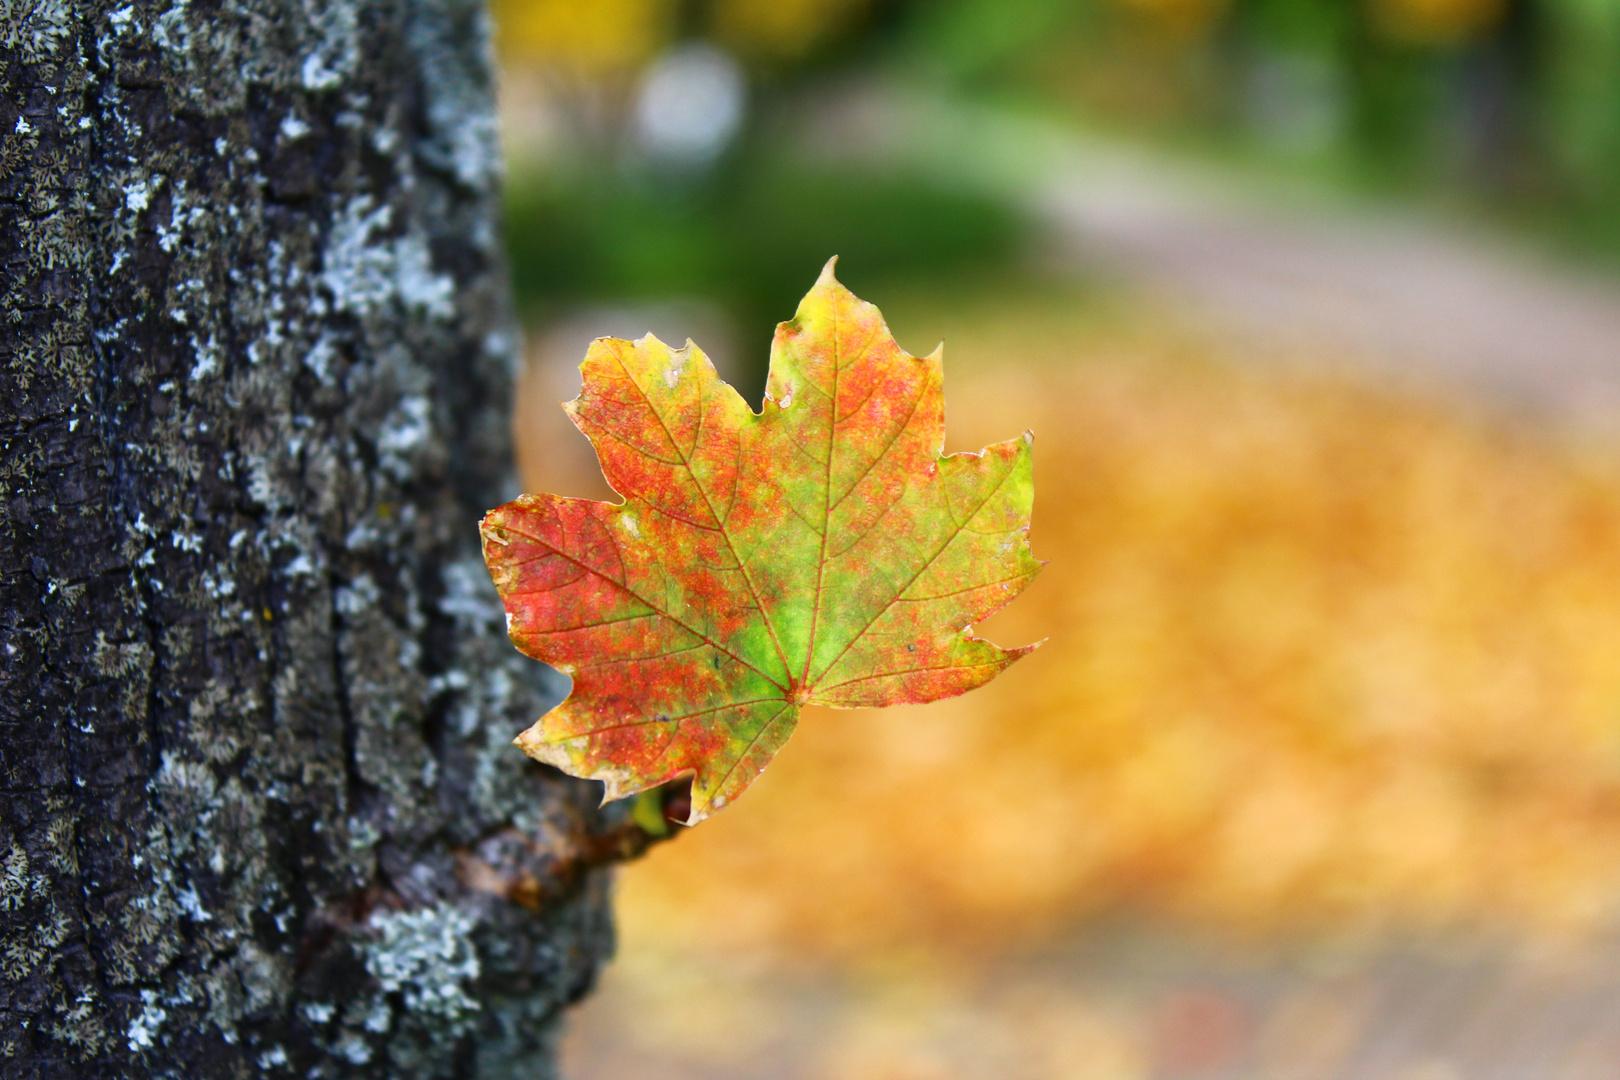 Herbstzeit in einem Blatt